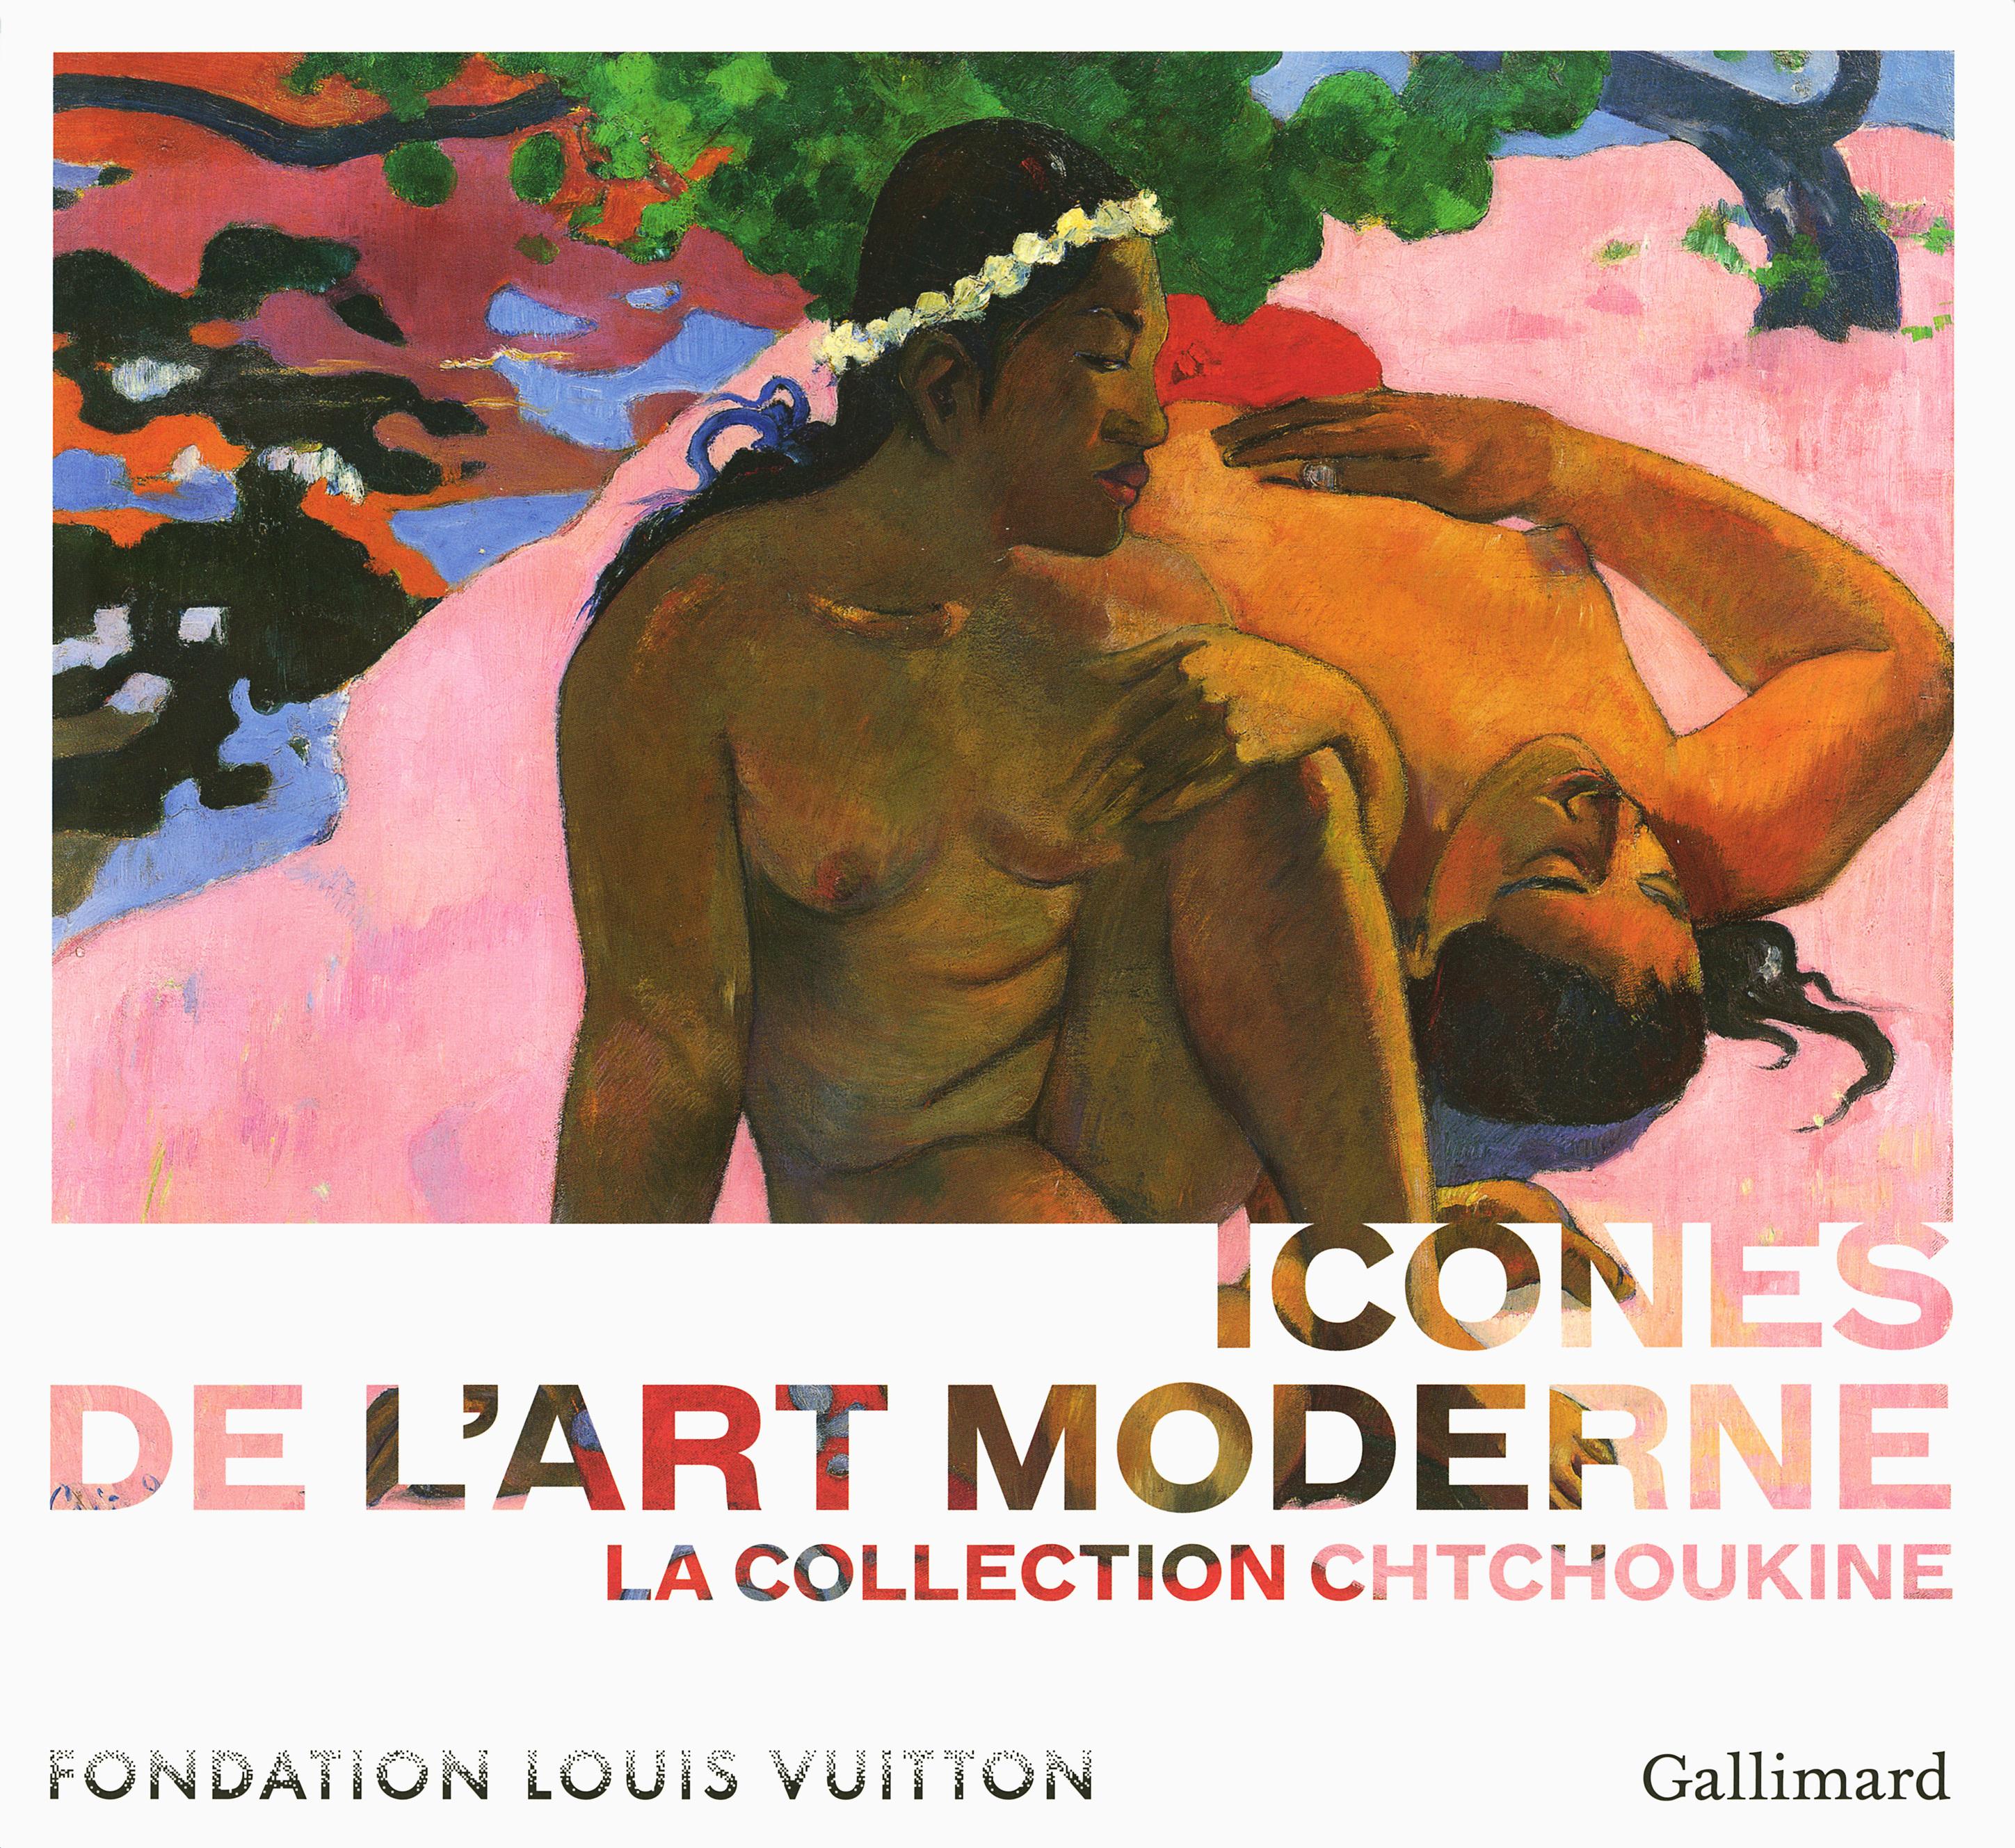 ICONES DE L'ART MODERNE, LA COLLECTION CHTCHOUKINE (NOUVELLE EDITION BROCHEE)